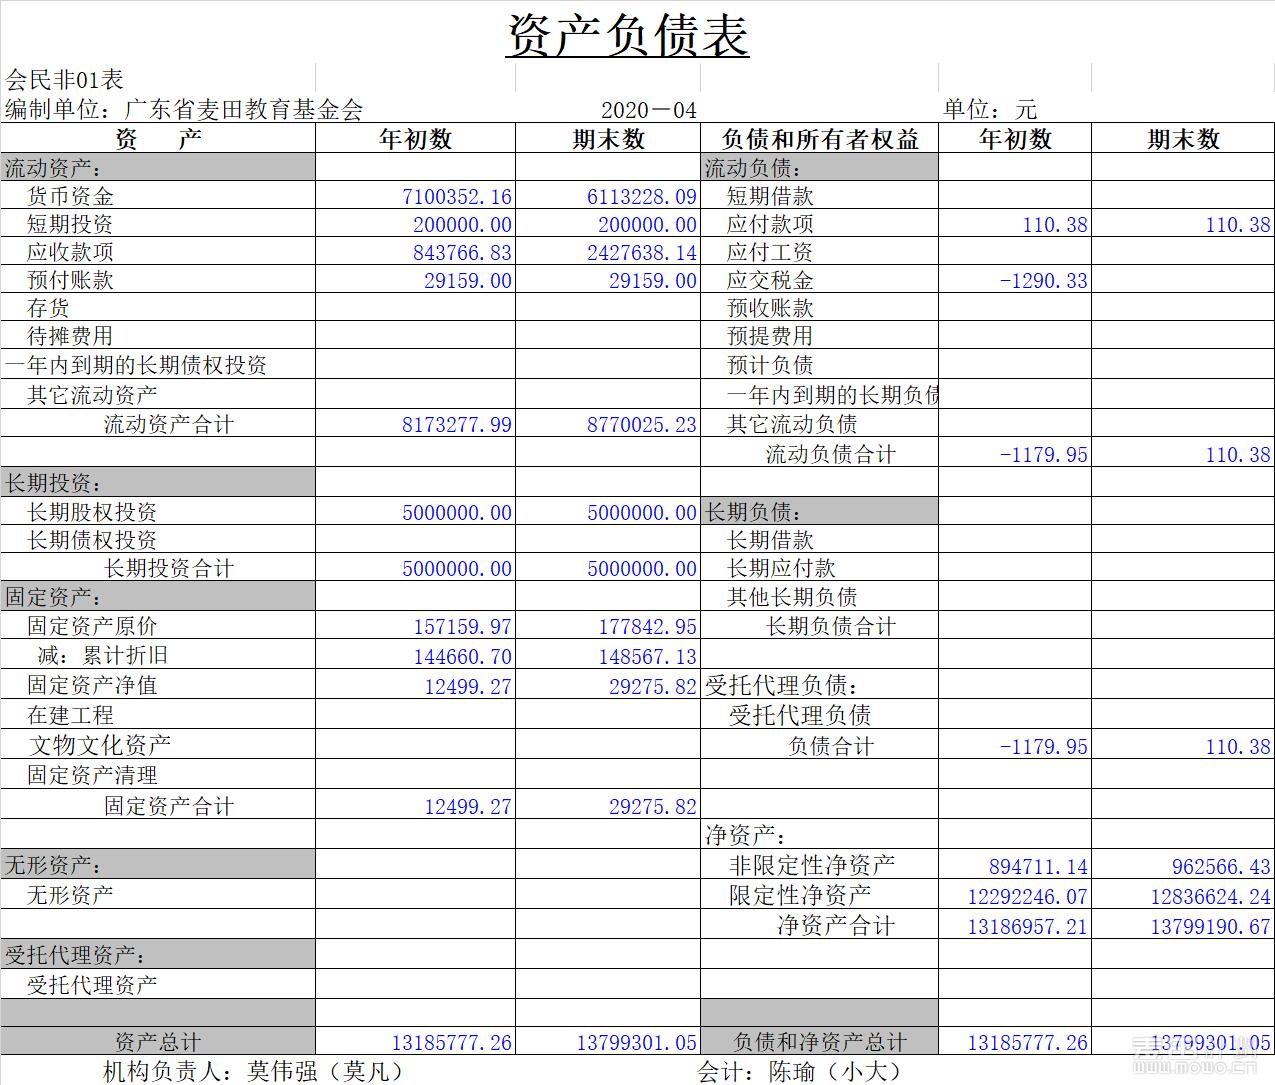 资产负债表.png